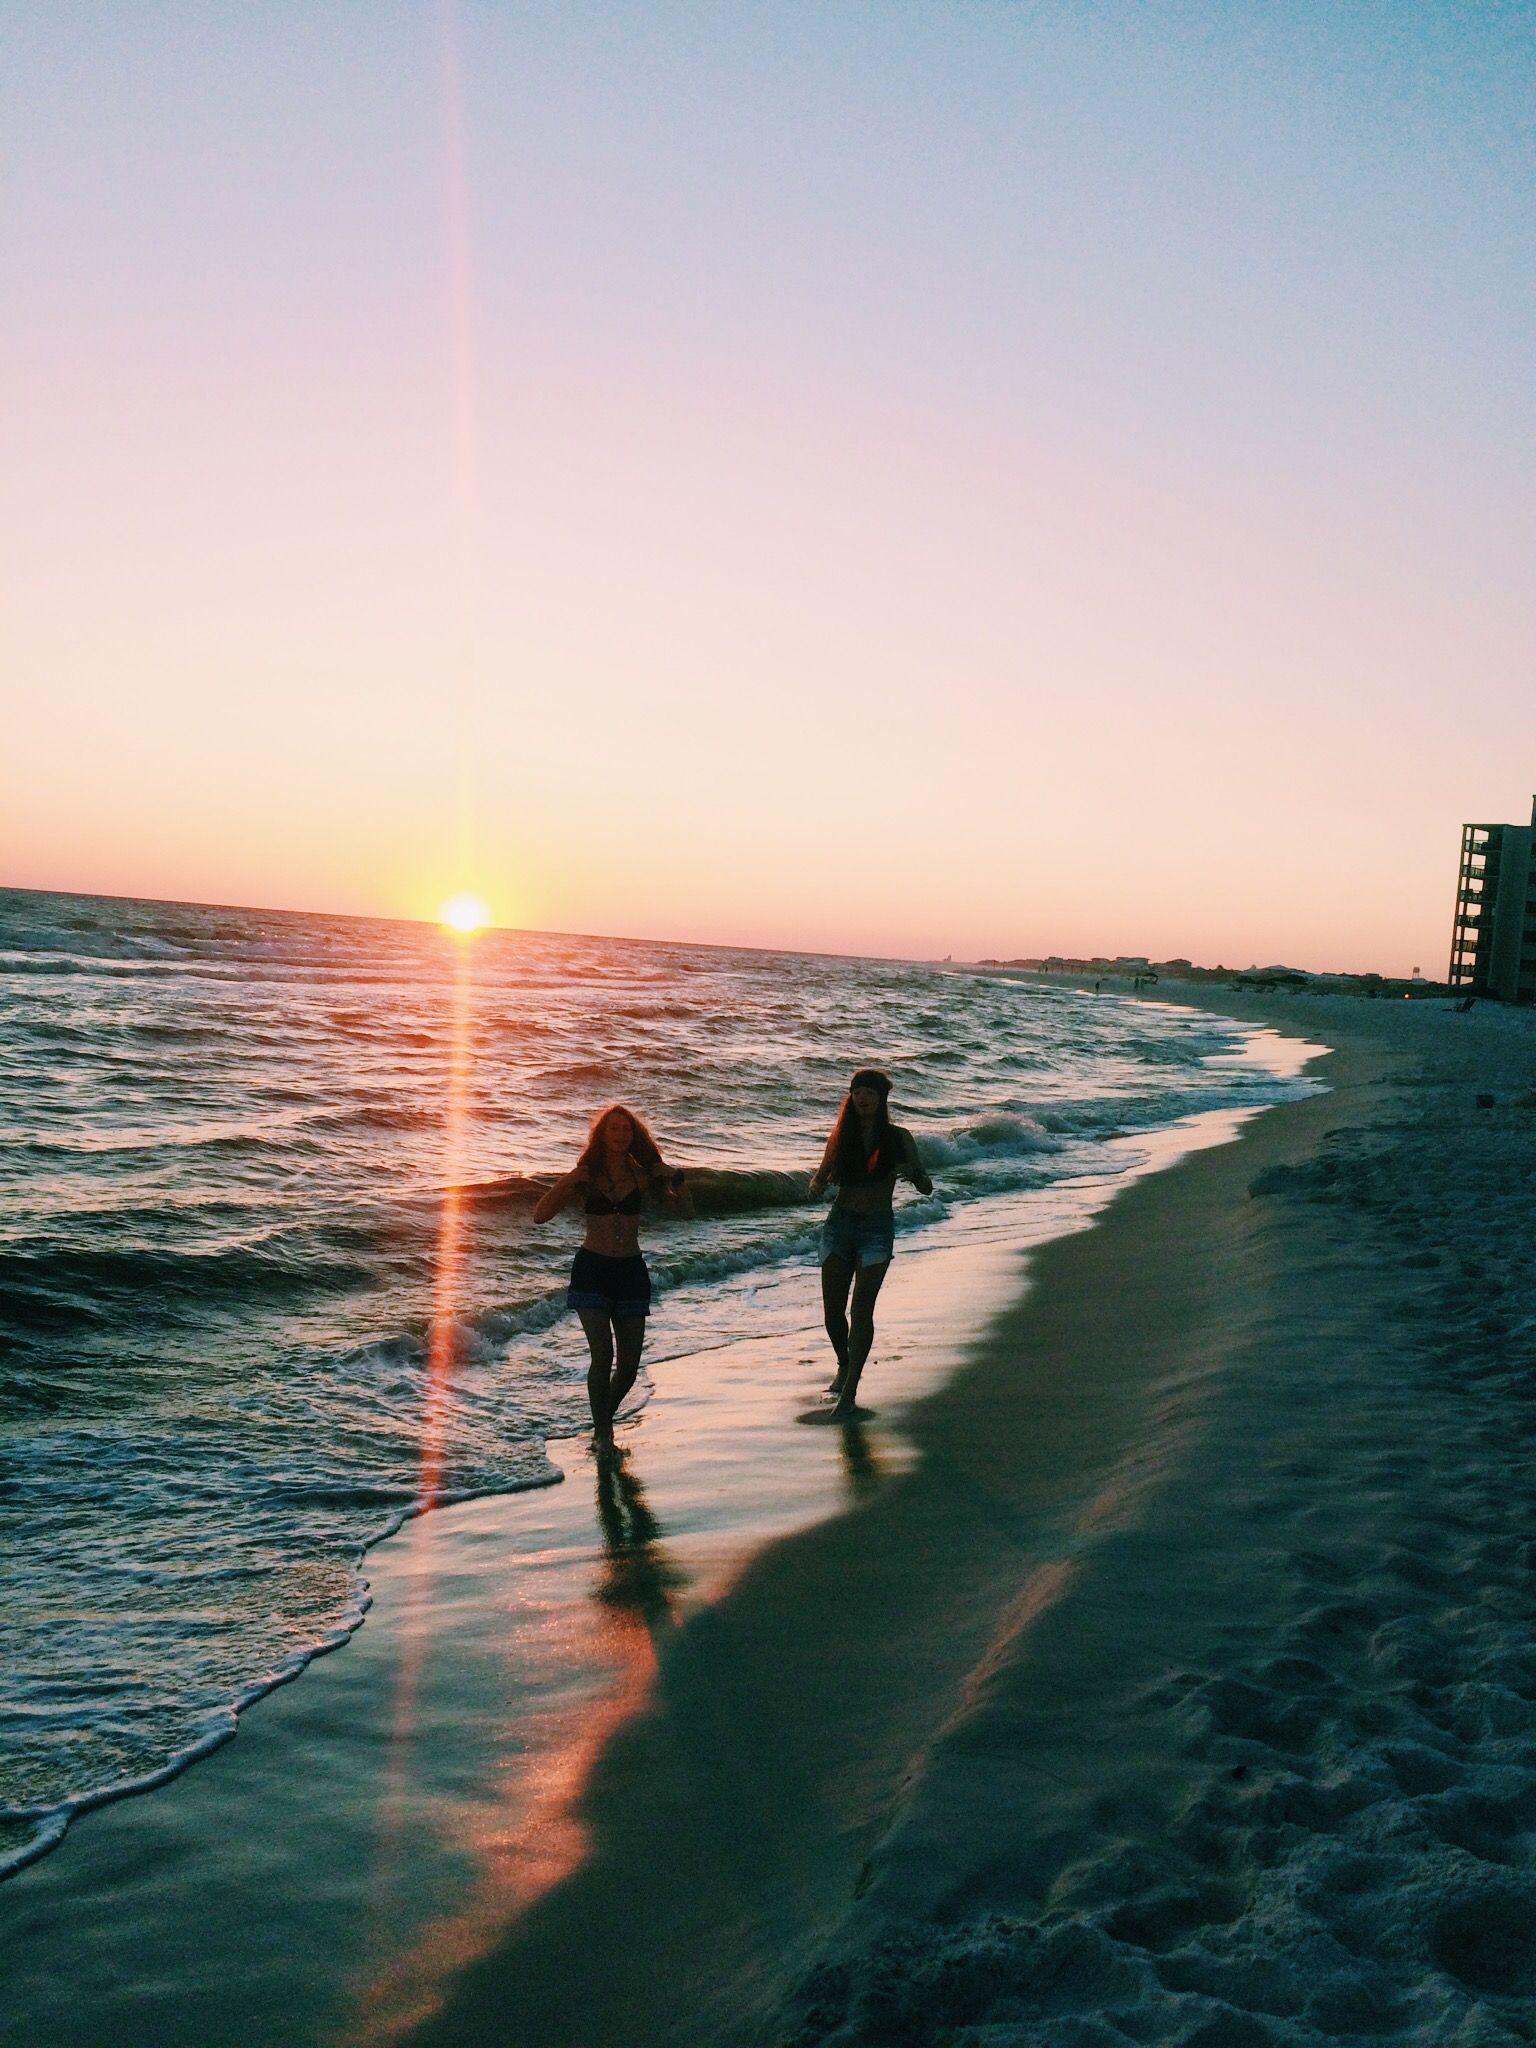 Urlaubsfotos Ideen kaylalkleinfall friendship fotoideen urlaub und sommer